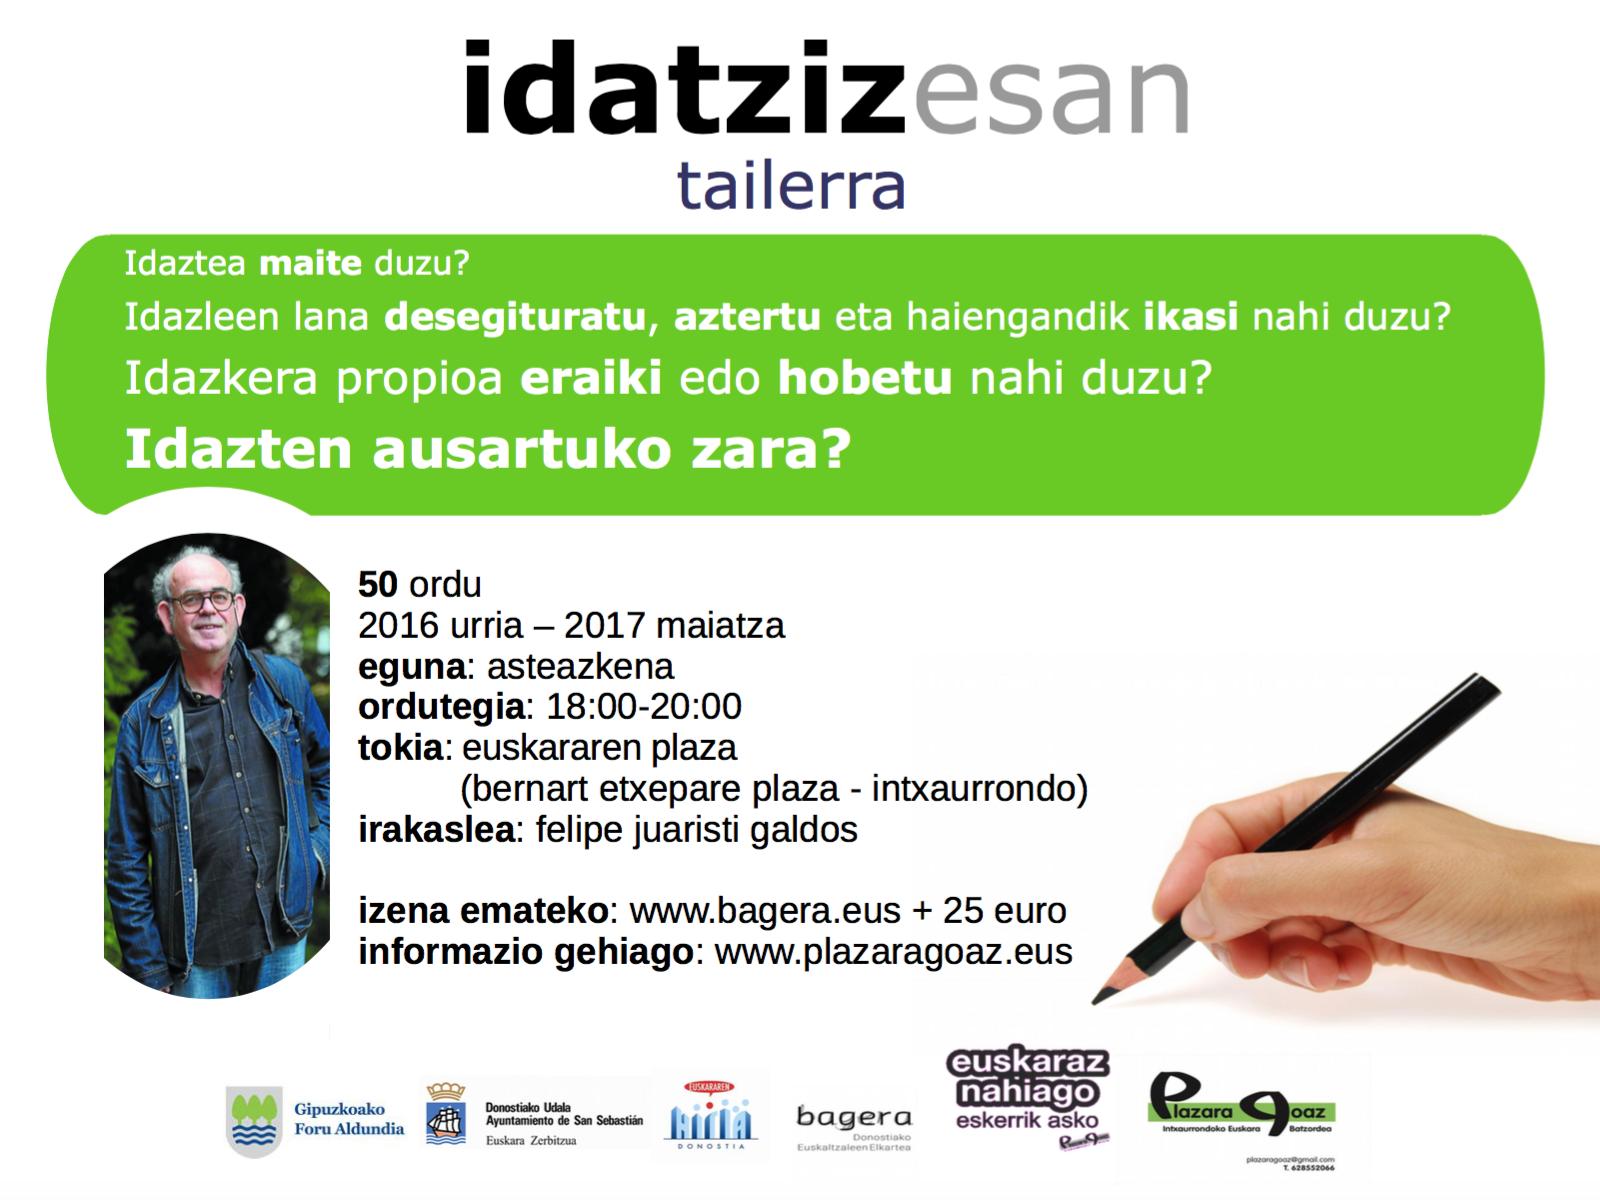 IdatzizEsan_tailerra.png